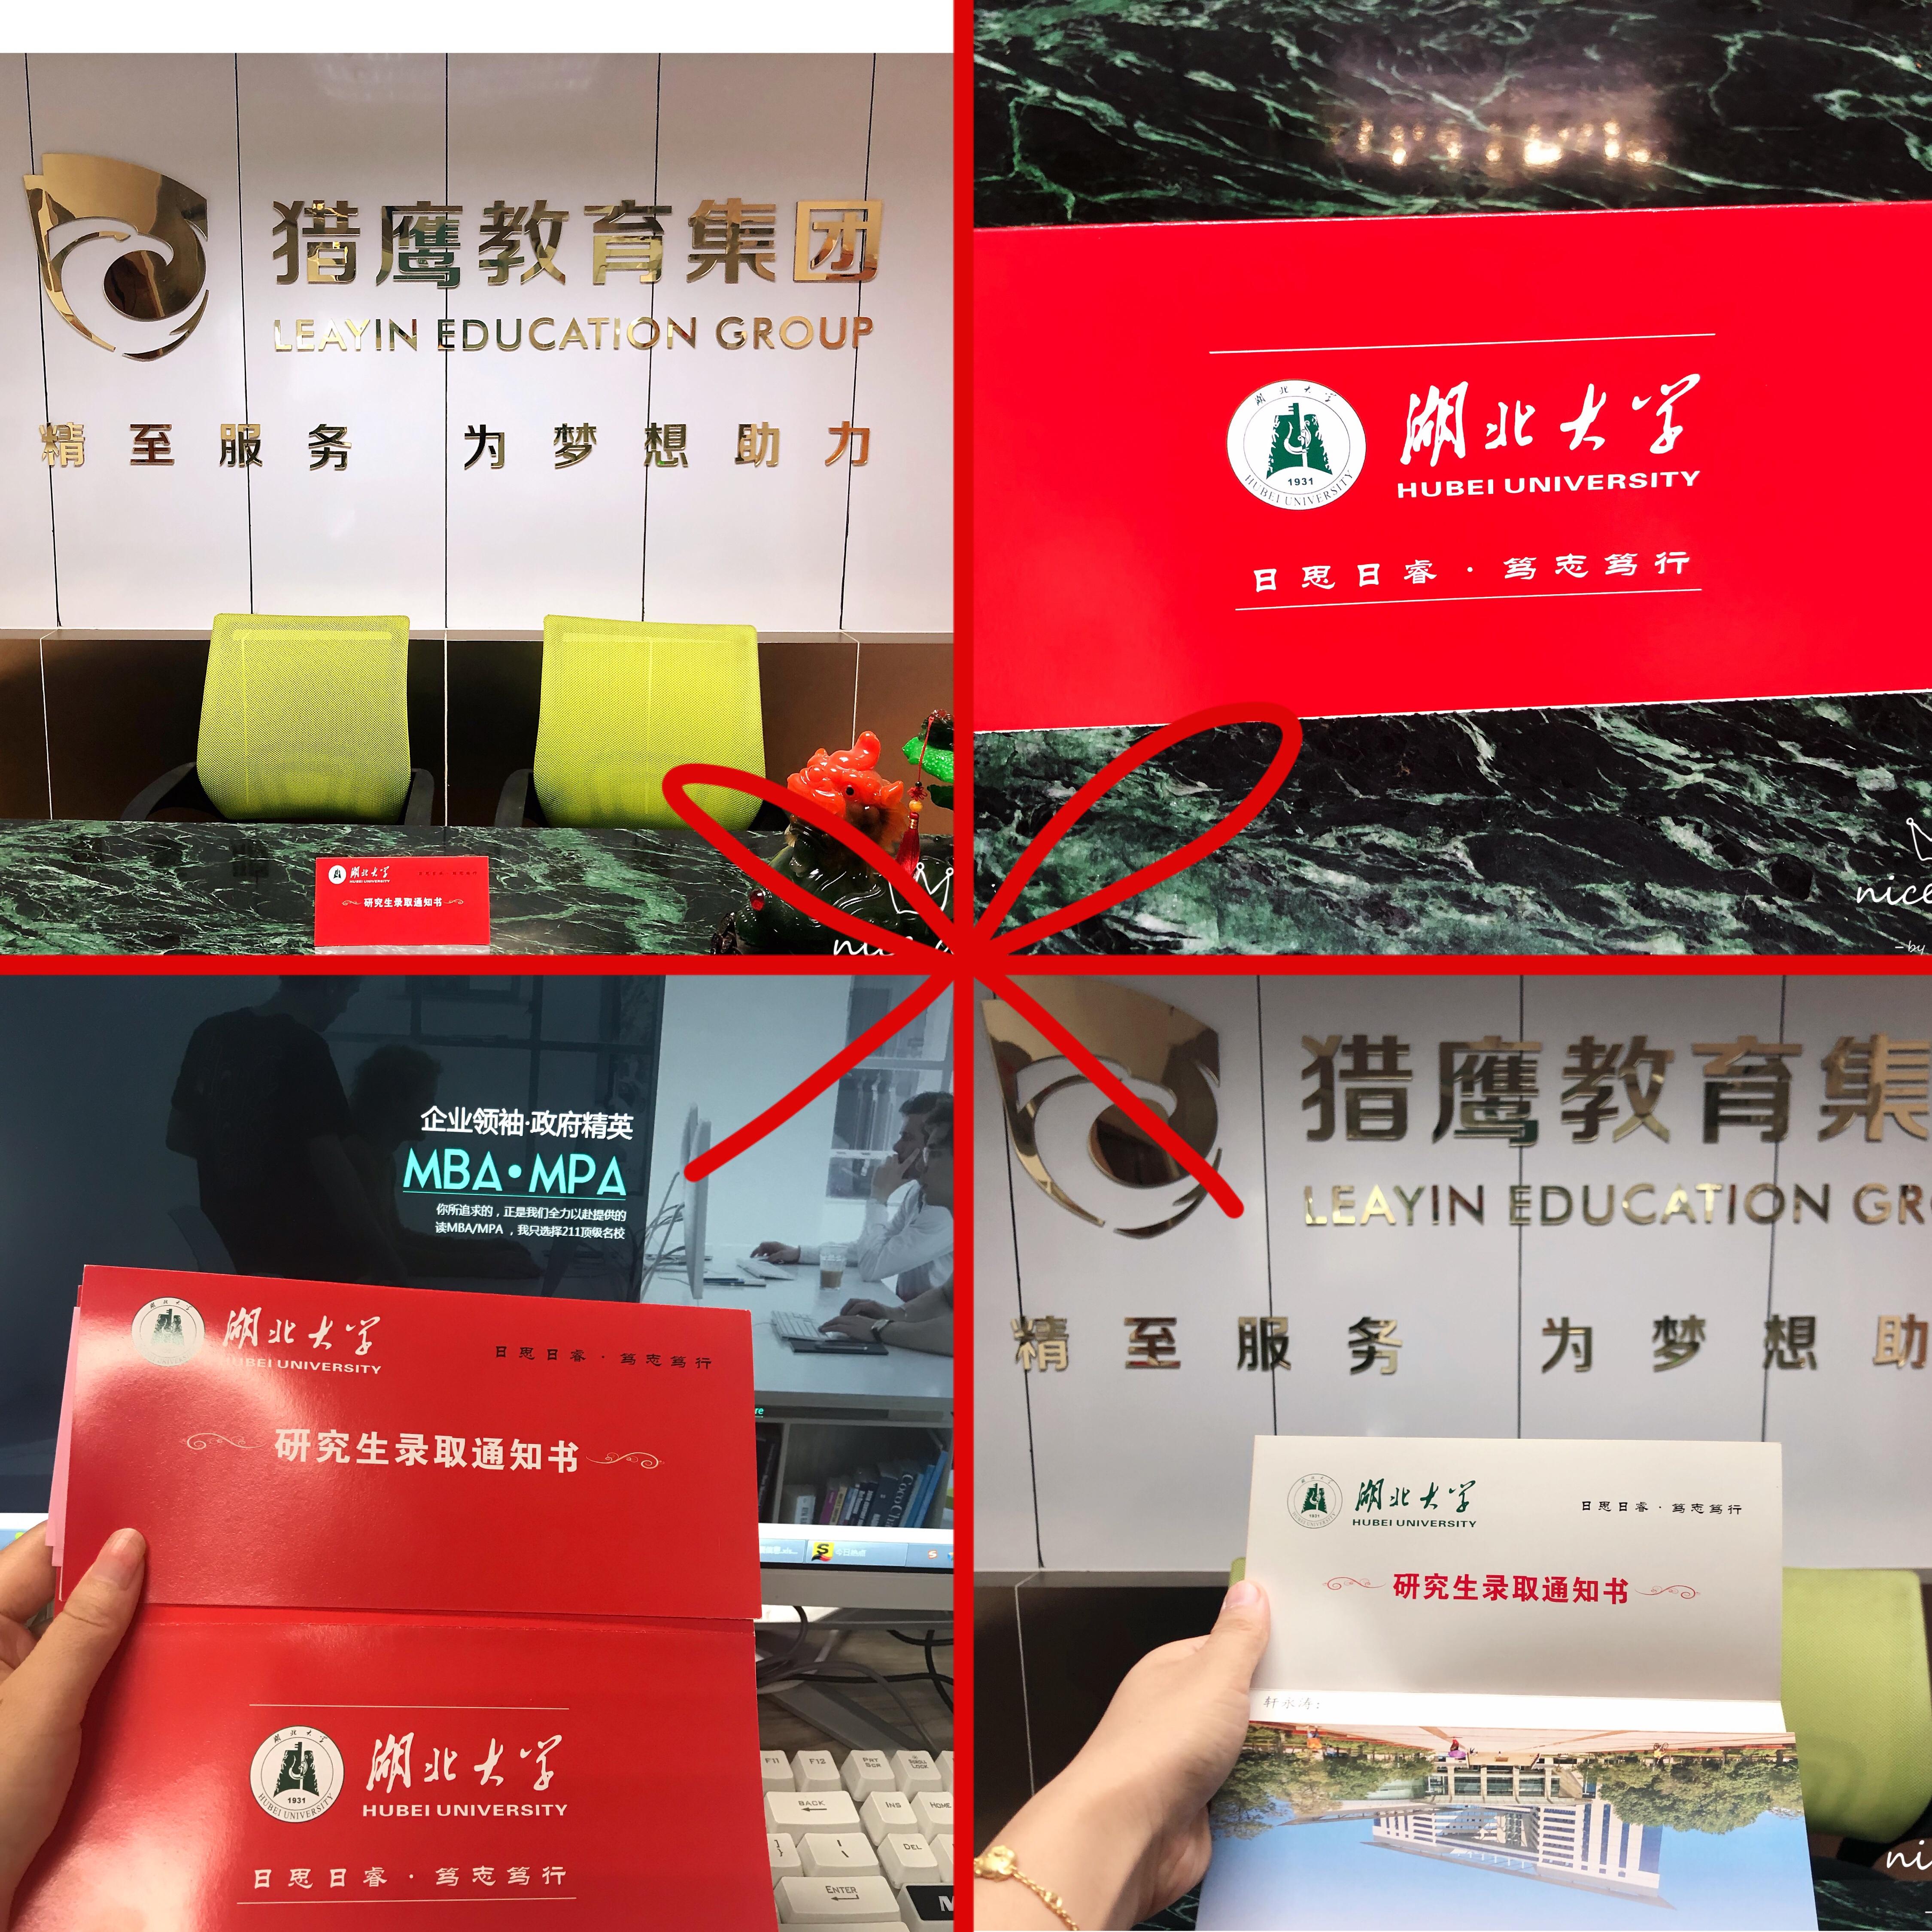 华南教育网:2020年华南地区考研形势分析